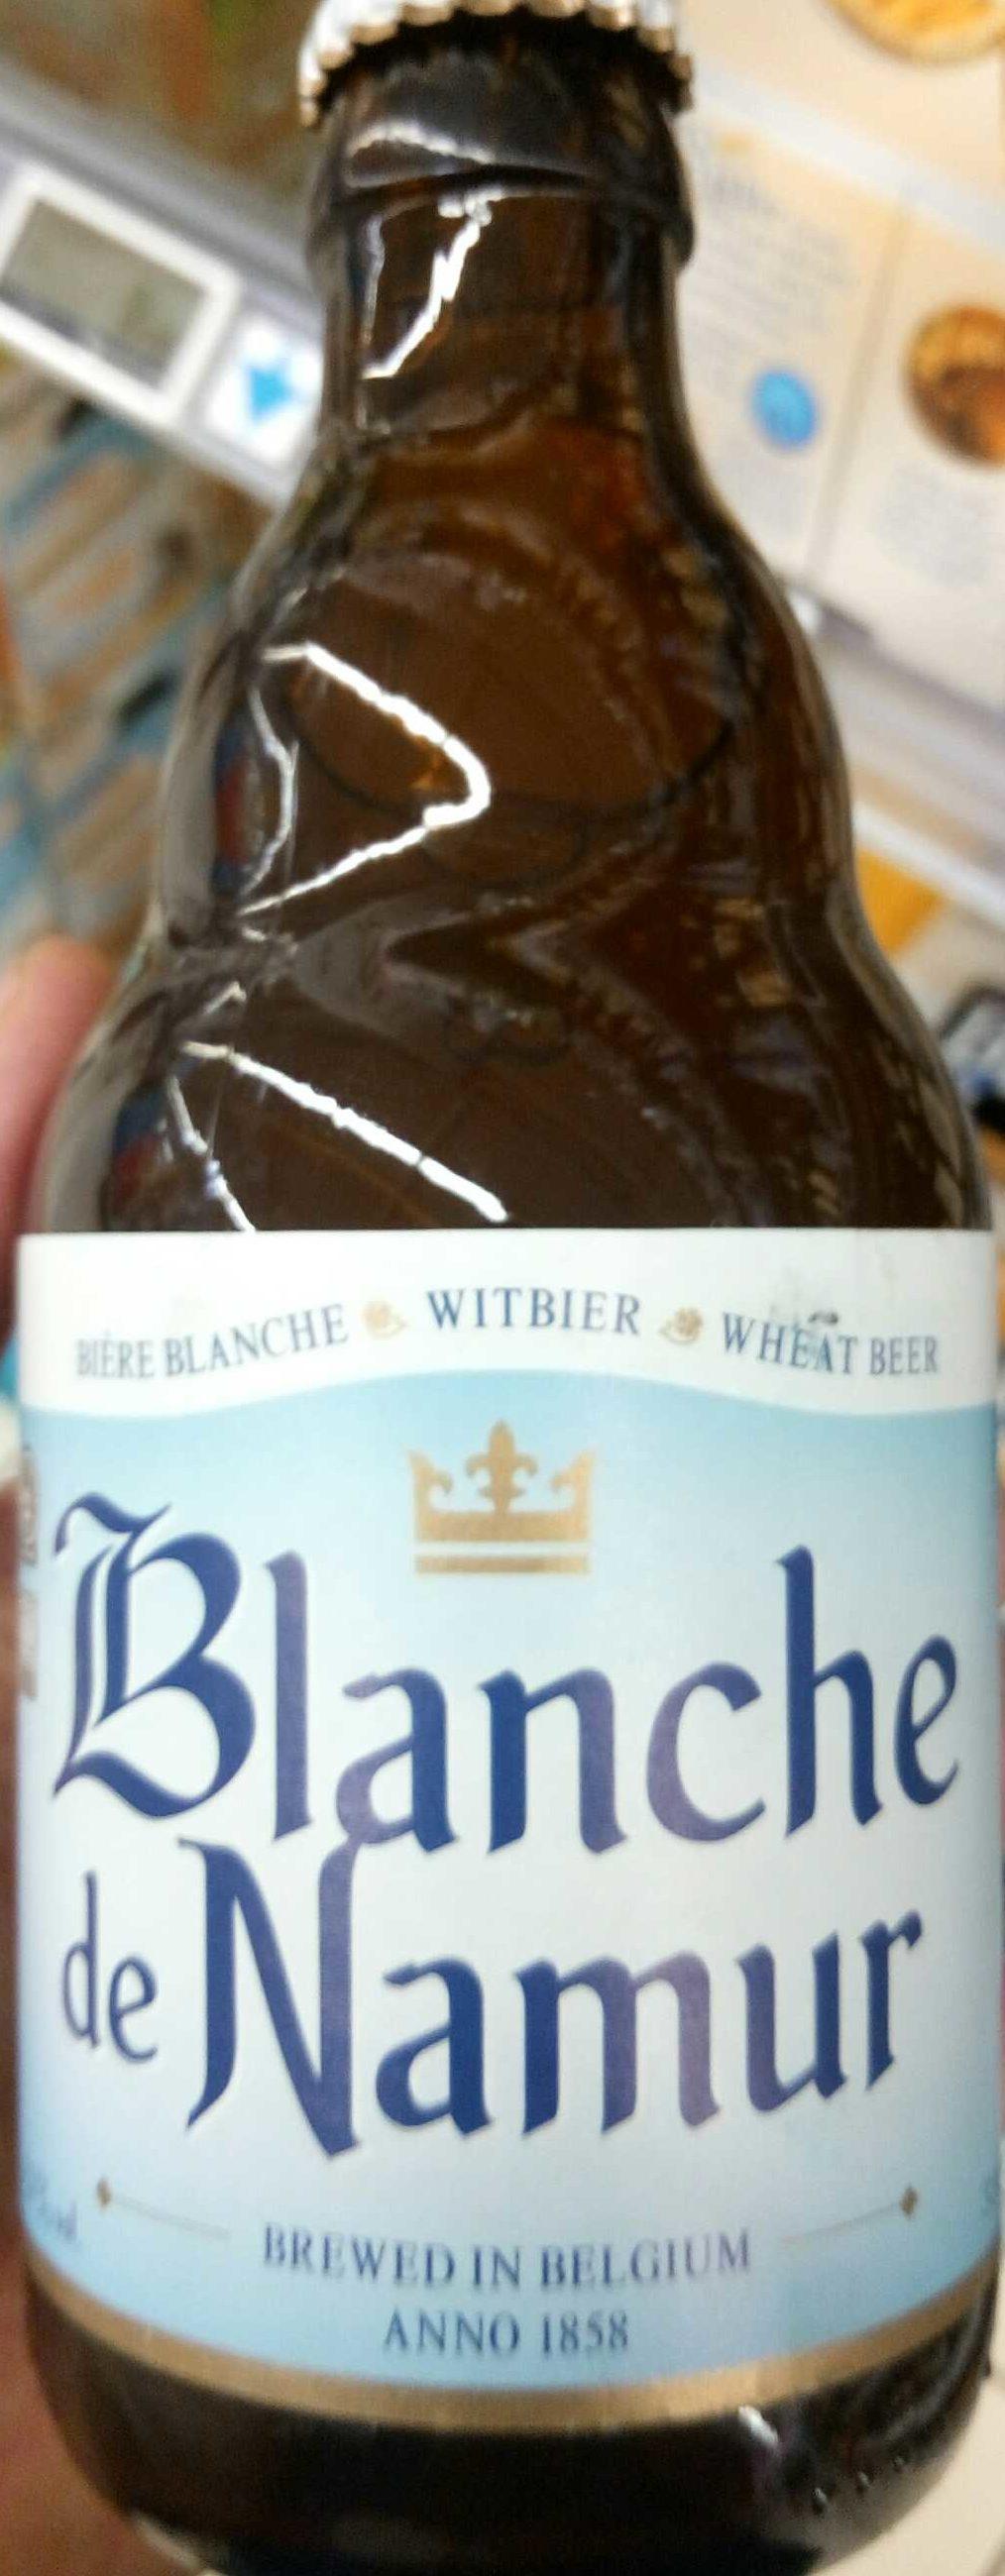 Blanche de Namur - Product - fr